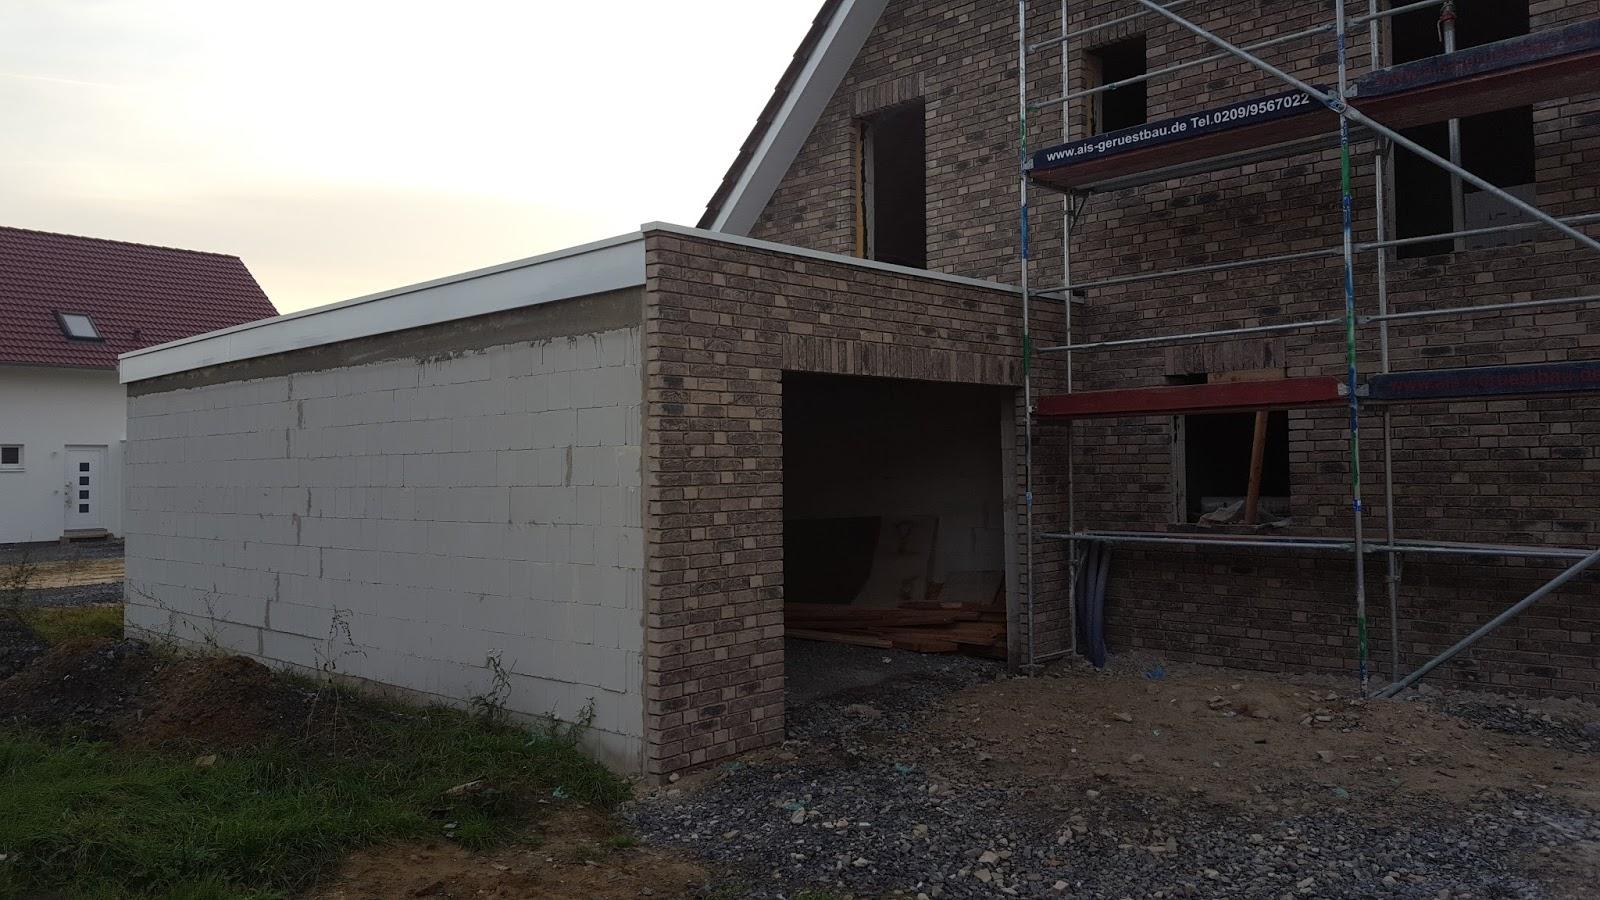 Erstaunlich Garage Am Haus Das Beste Von Der Dachdecker Hat In Der Letzten Woche